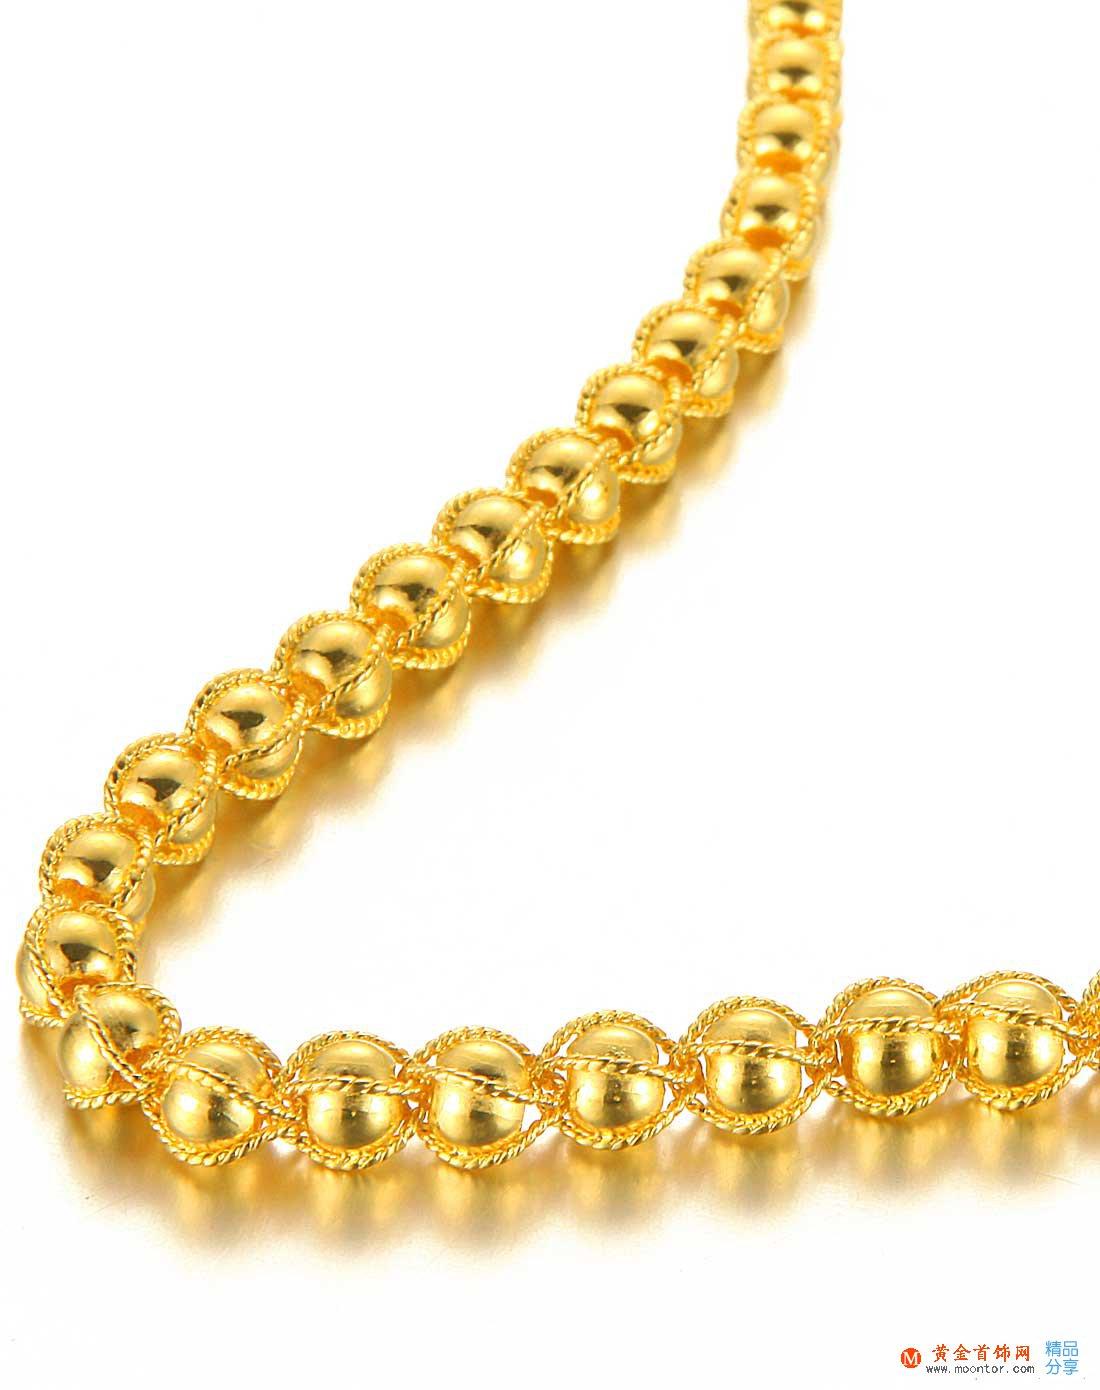 足金的纯度究竟如何辨别呢_黄金首饰网